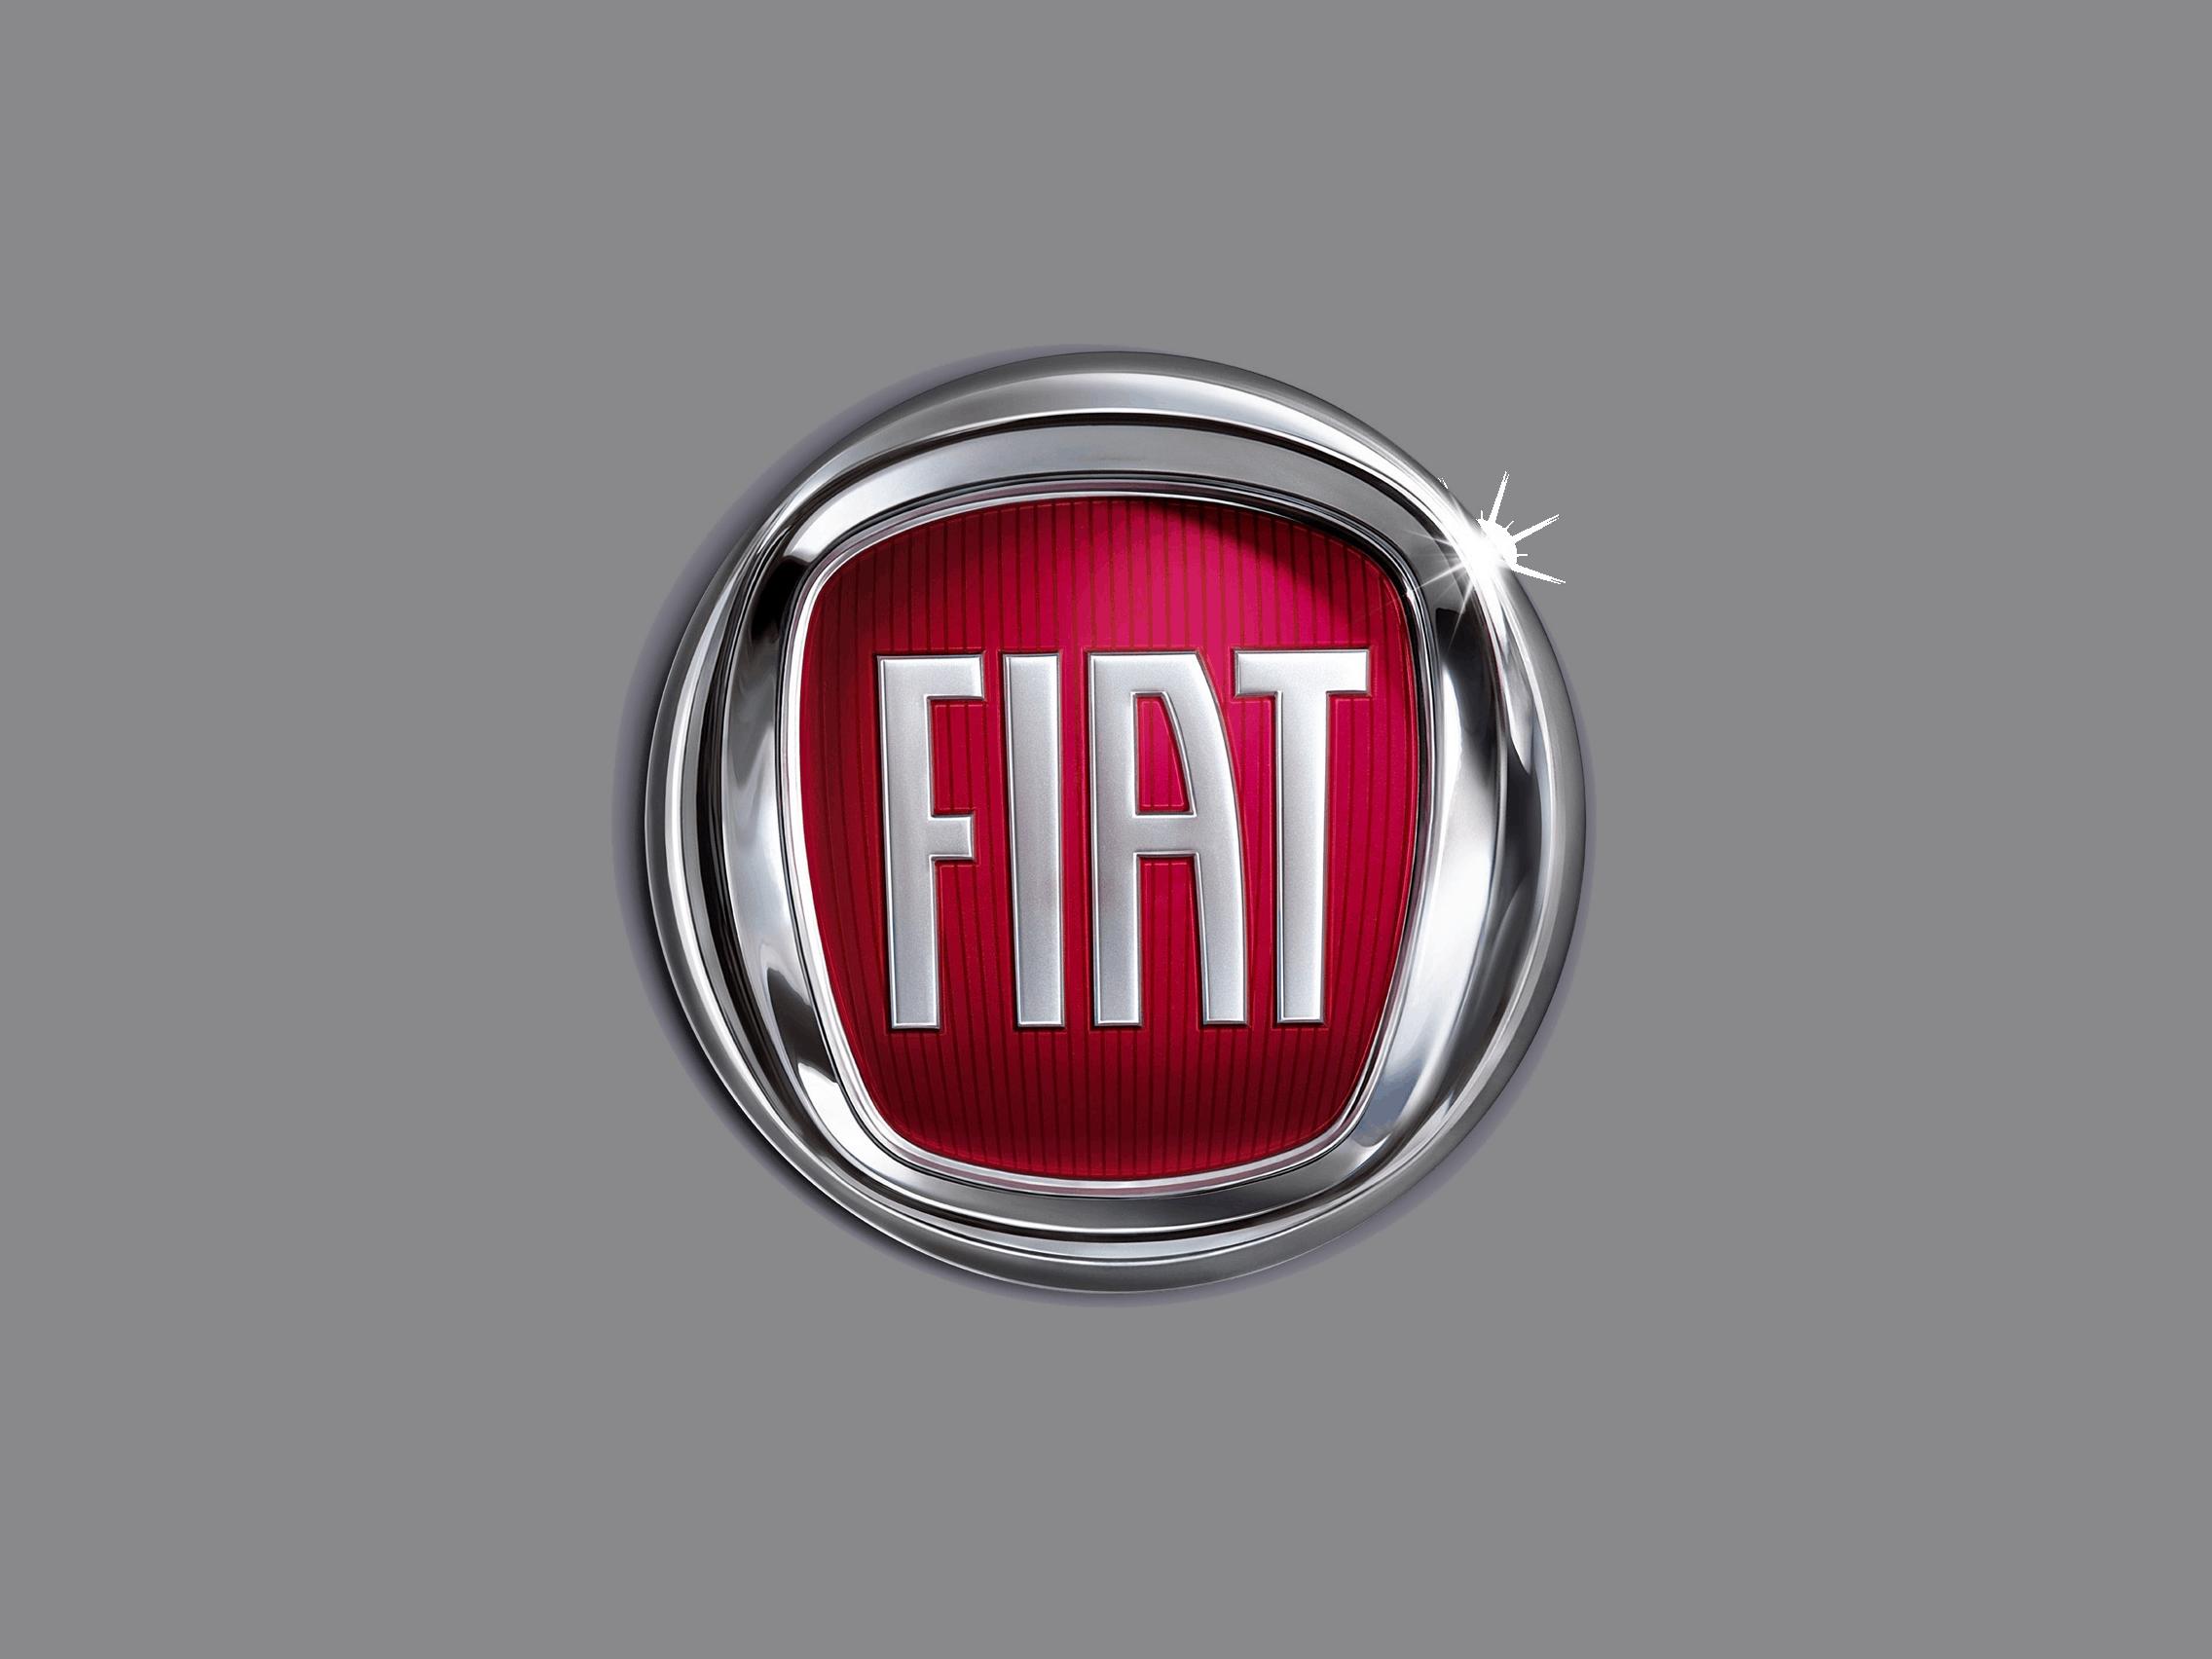 20-те най-известни марки коли и историята на тяхното лого - Muse Creativity студио за реклама и дизайн (13)